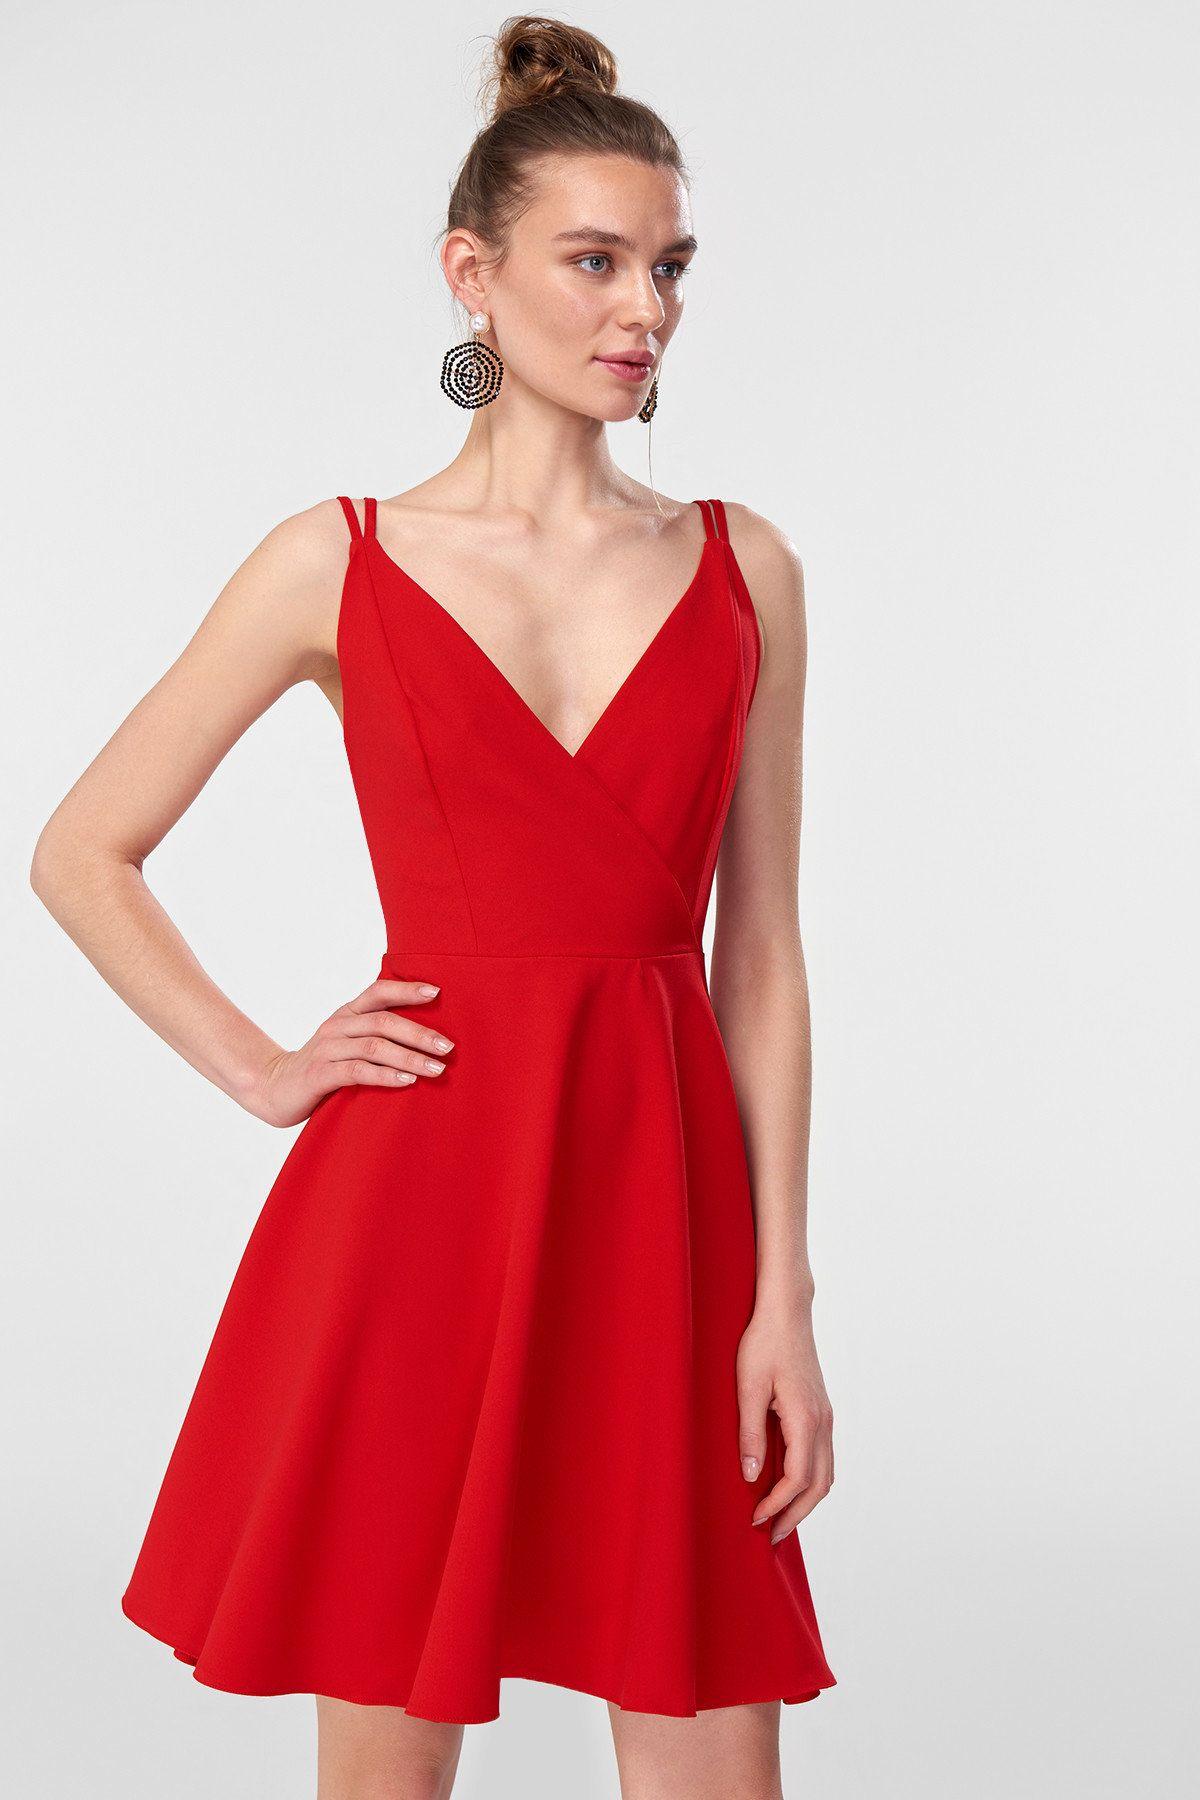 Kirmizi Cift Aski Detayli Elbise Trendyolmilla Trendyol Resmi Elbise Elbise Moda Stilleri